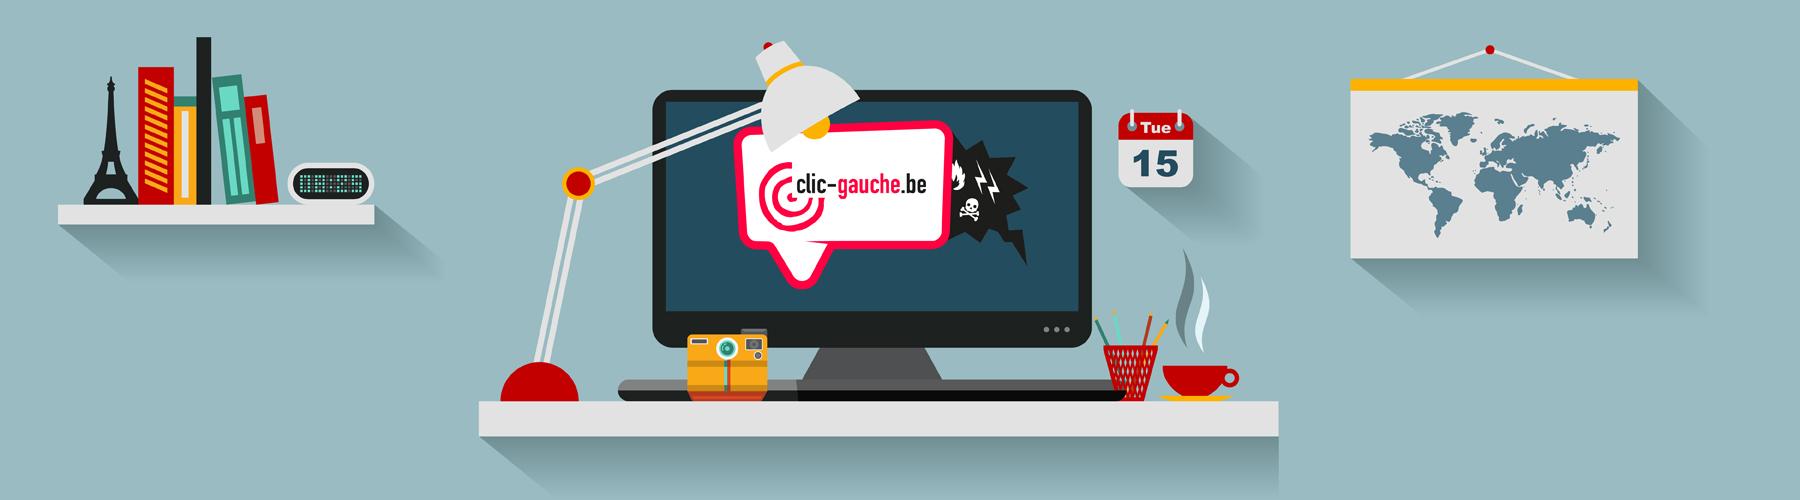 Clic Gauche